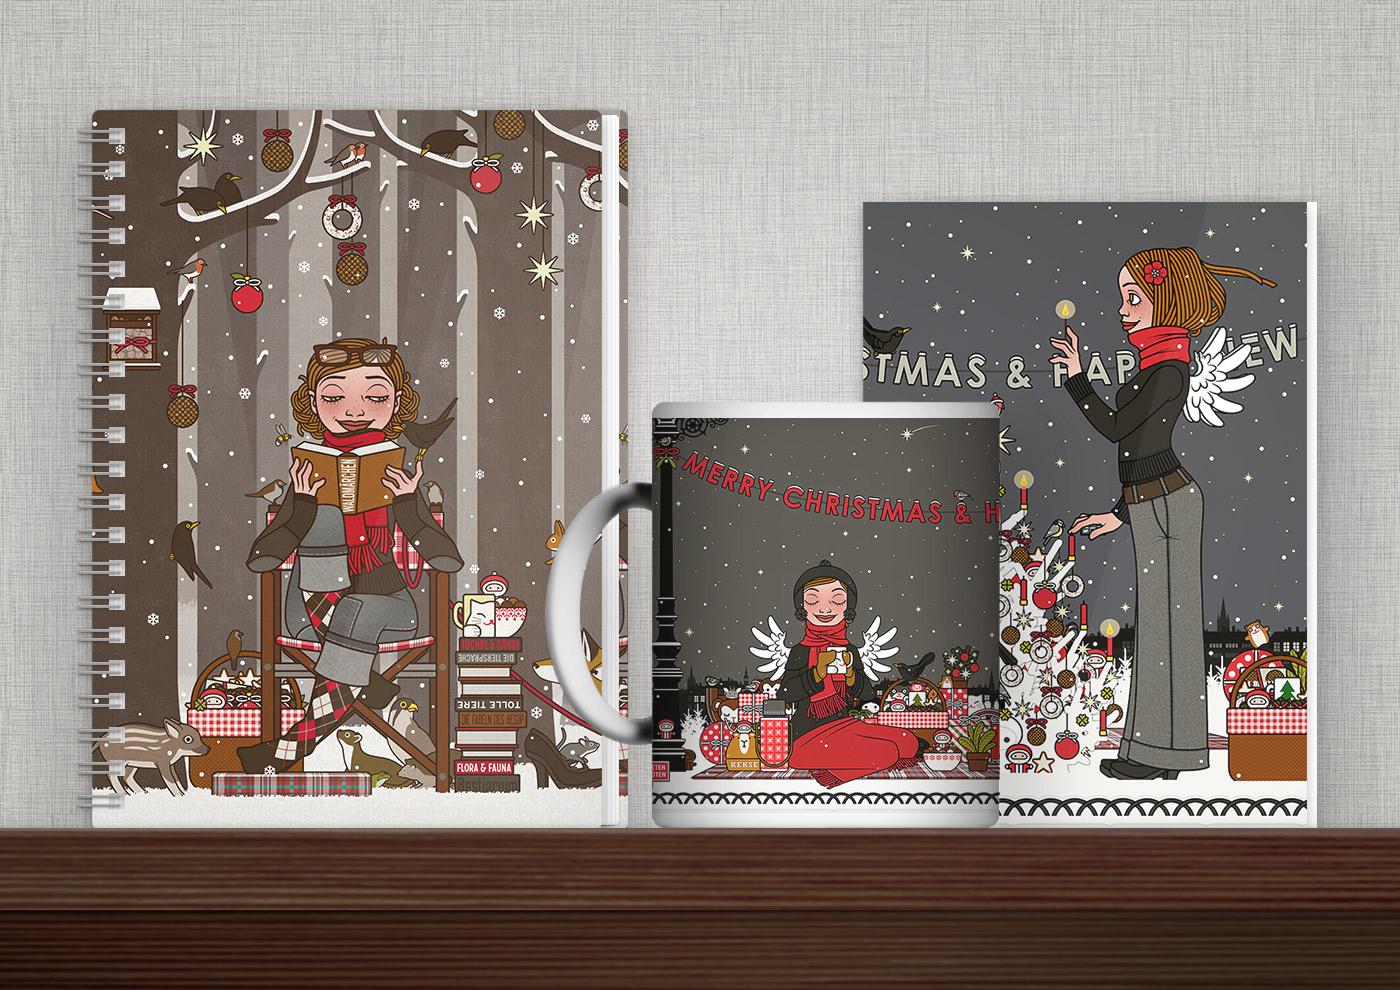 Bedruckte Produkte mit Illustrationen, Schautafeln, Weihnachten, Infografiken und Mustern von iris Luckhaus